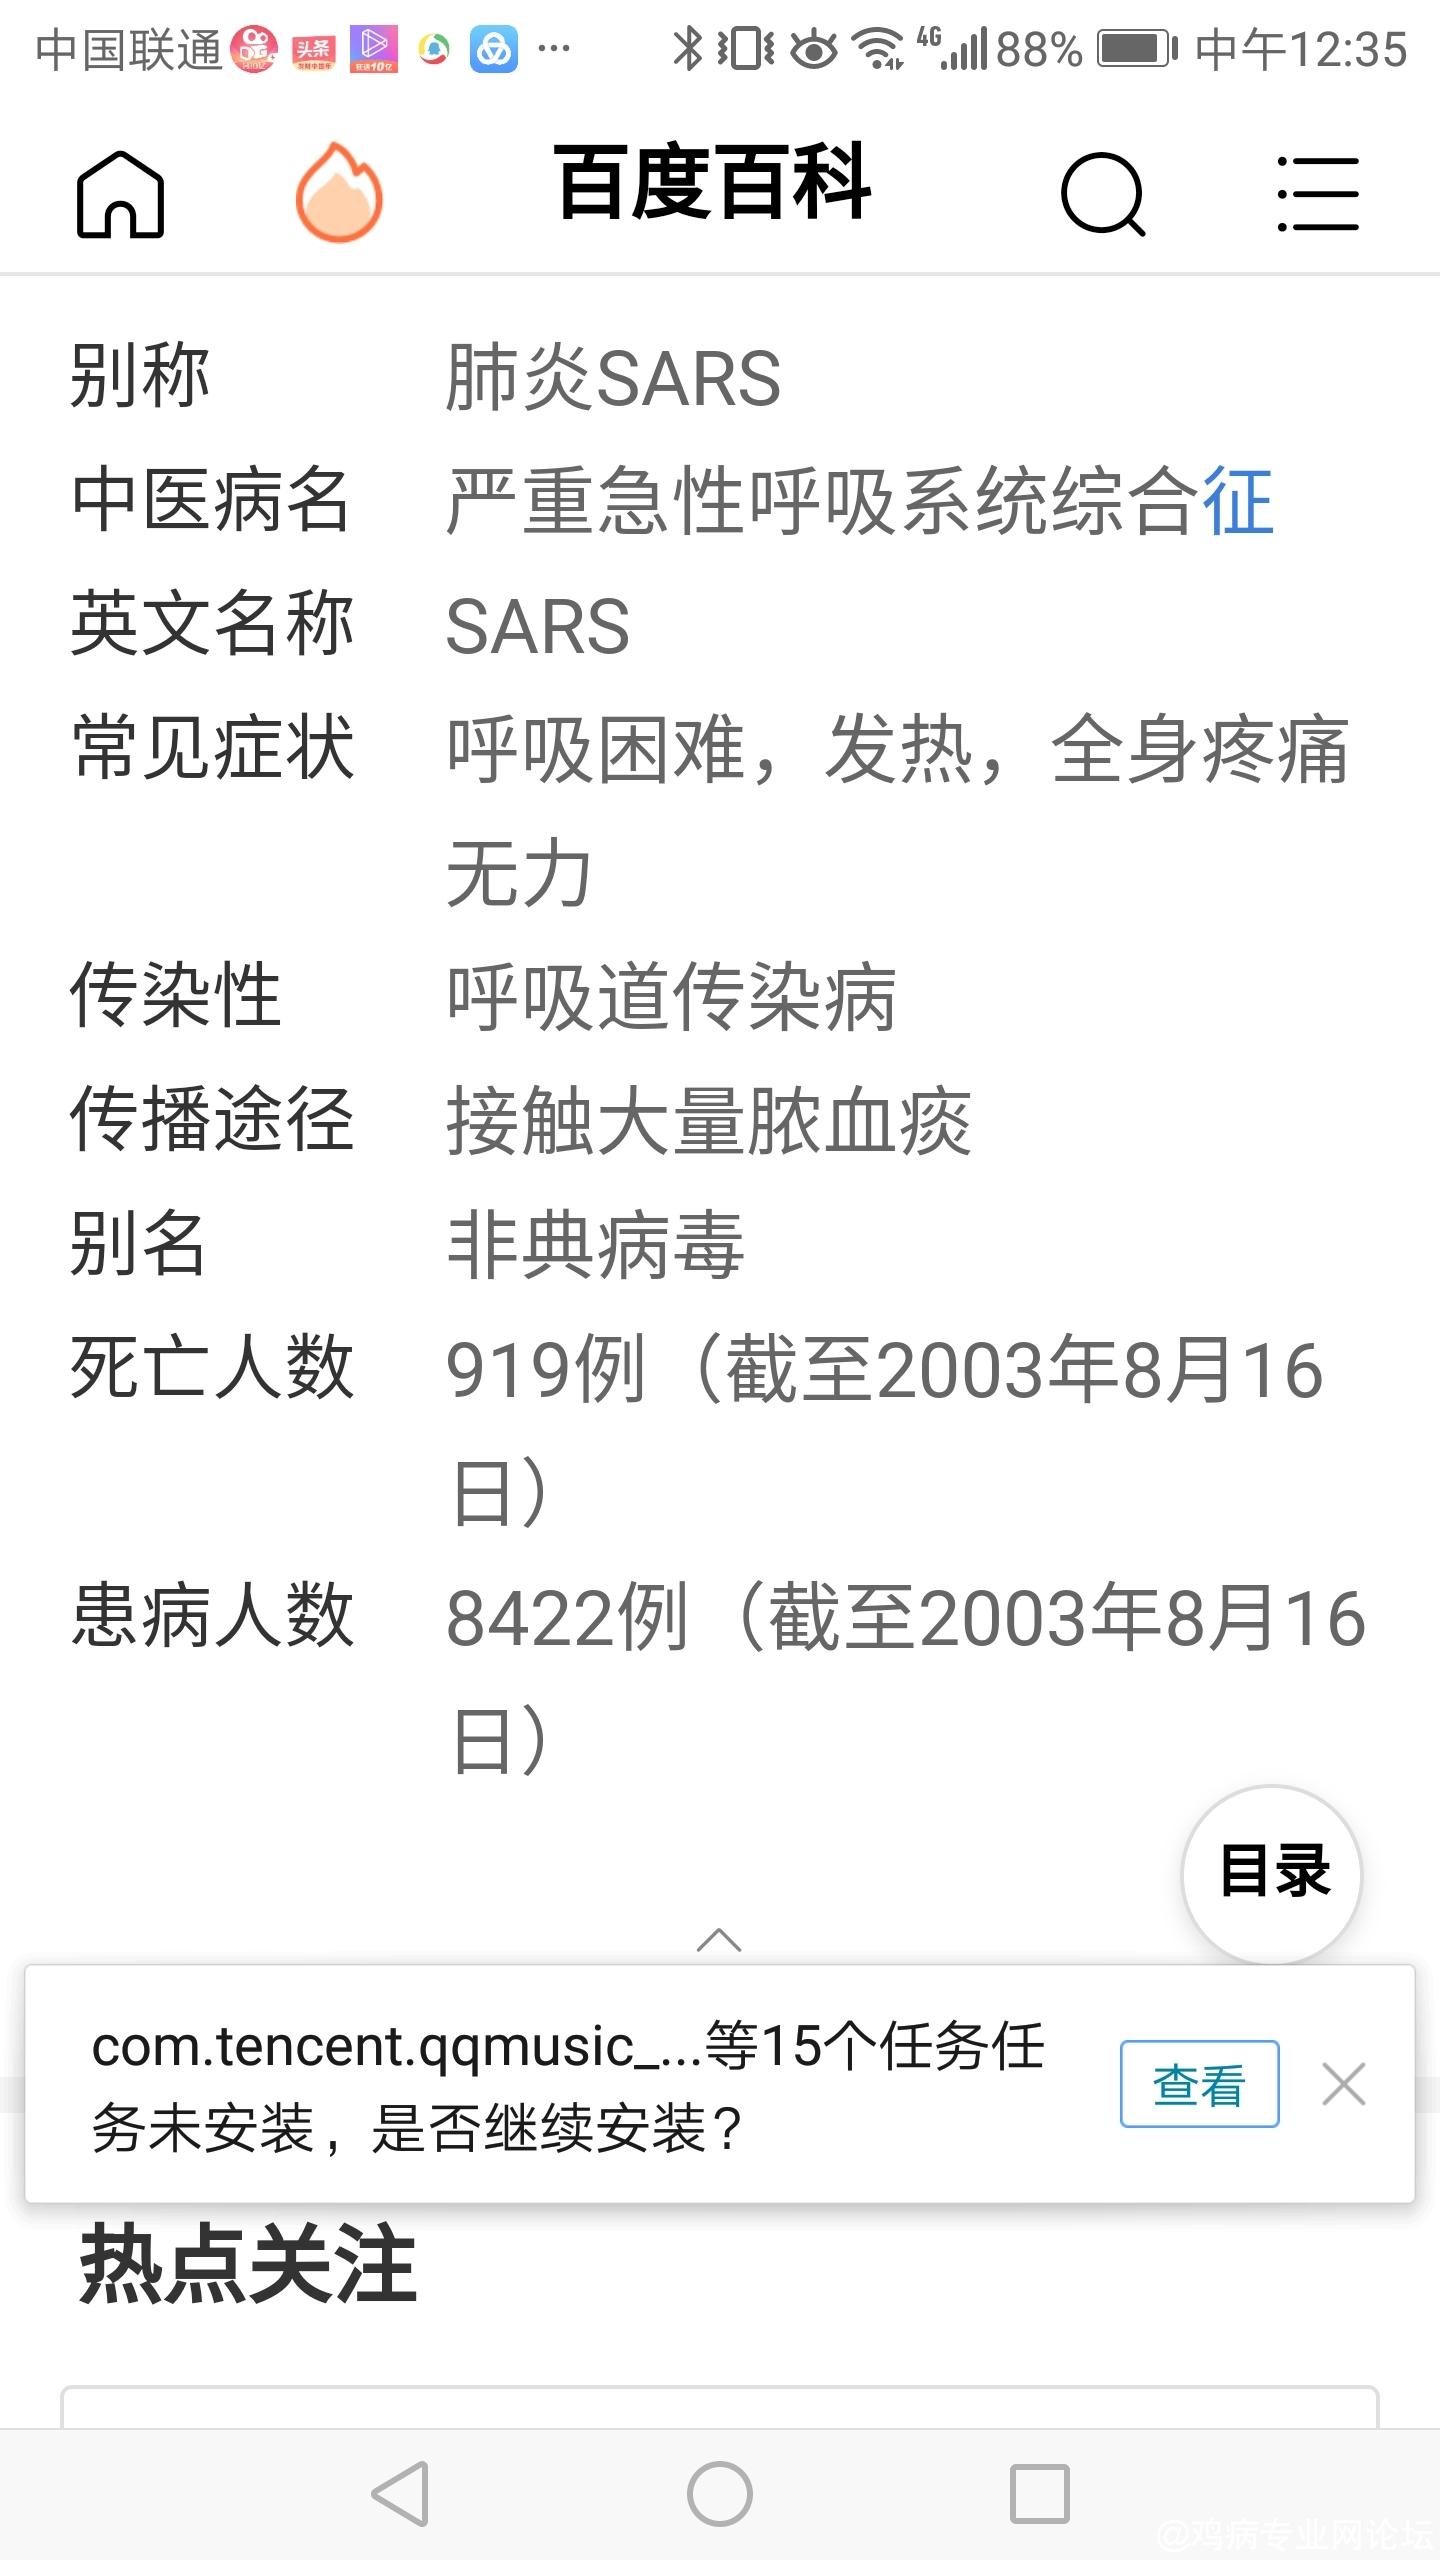 Screenshot_20200209-123512.jpg